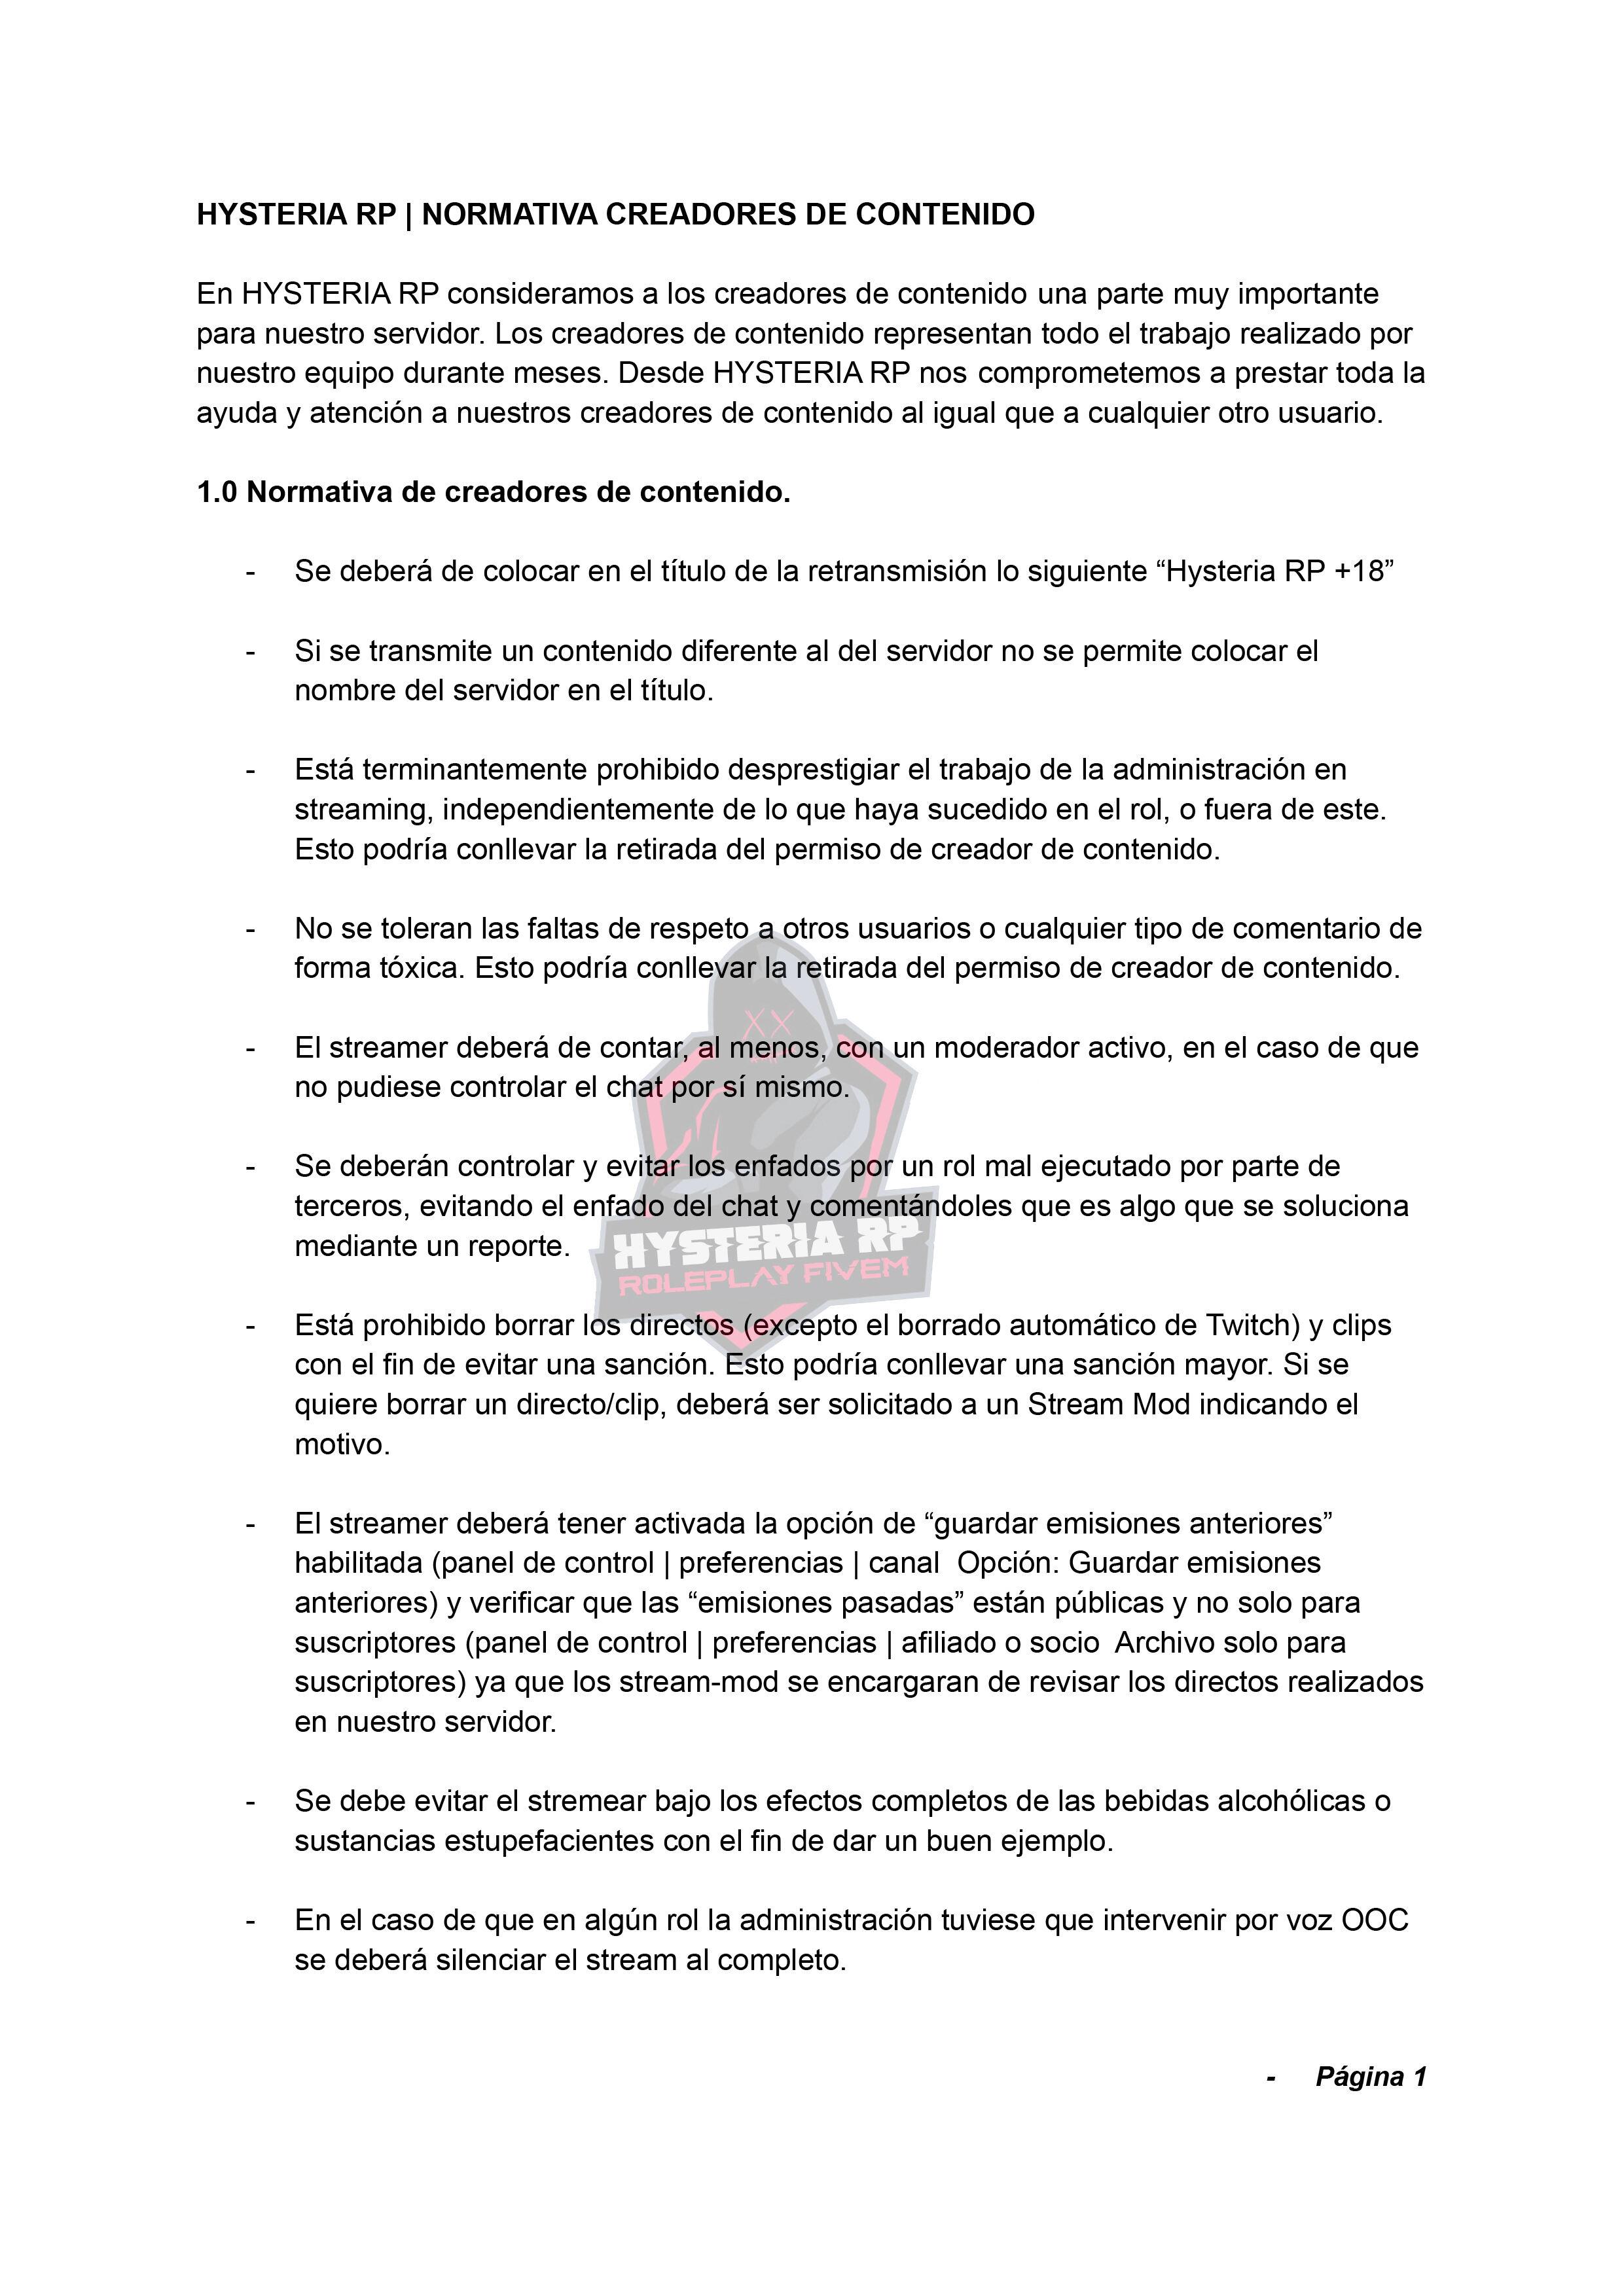 Normativa de Streamers | Hysteria RP Normat37